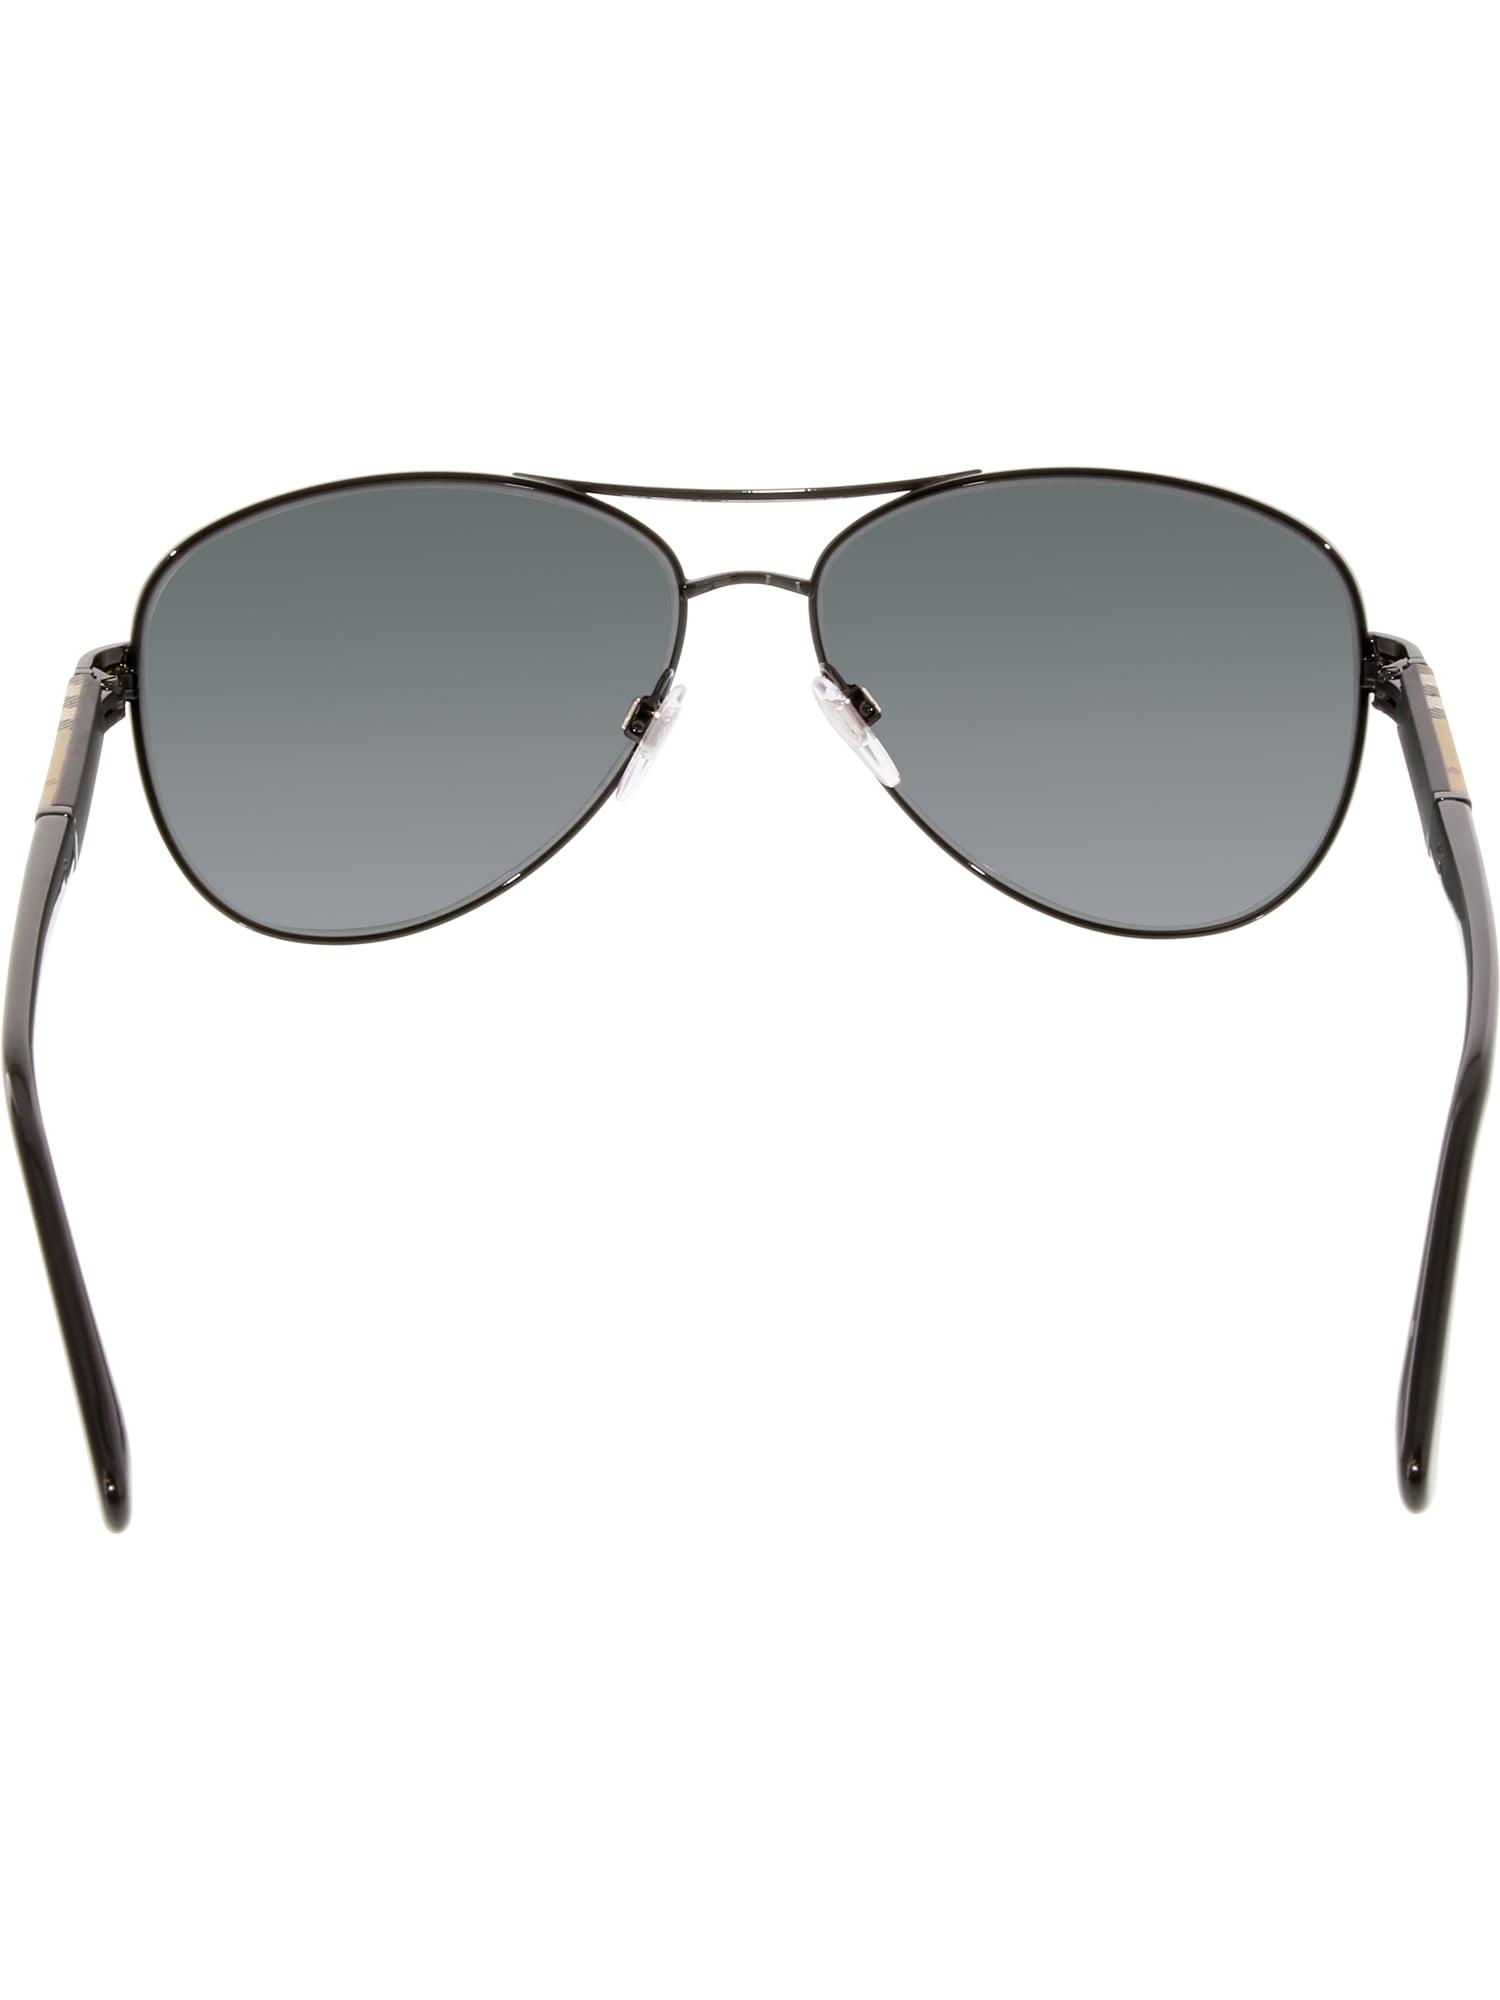 98dbab3104 Burberry - Burberry Men s BE3080-100187-59 Black Aviator Sunglasses -  Walmart.com